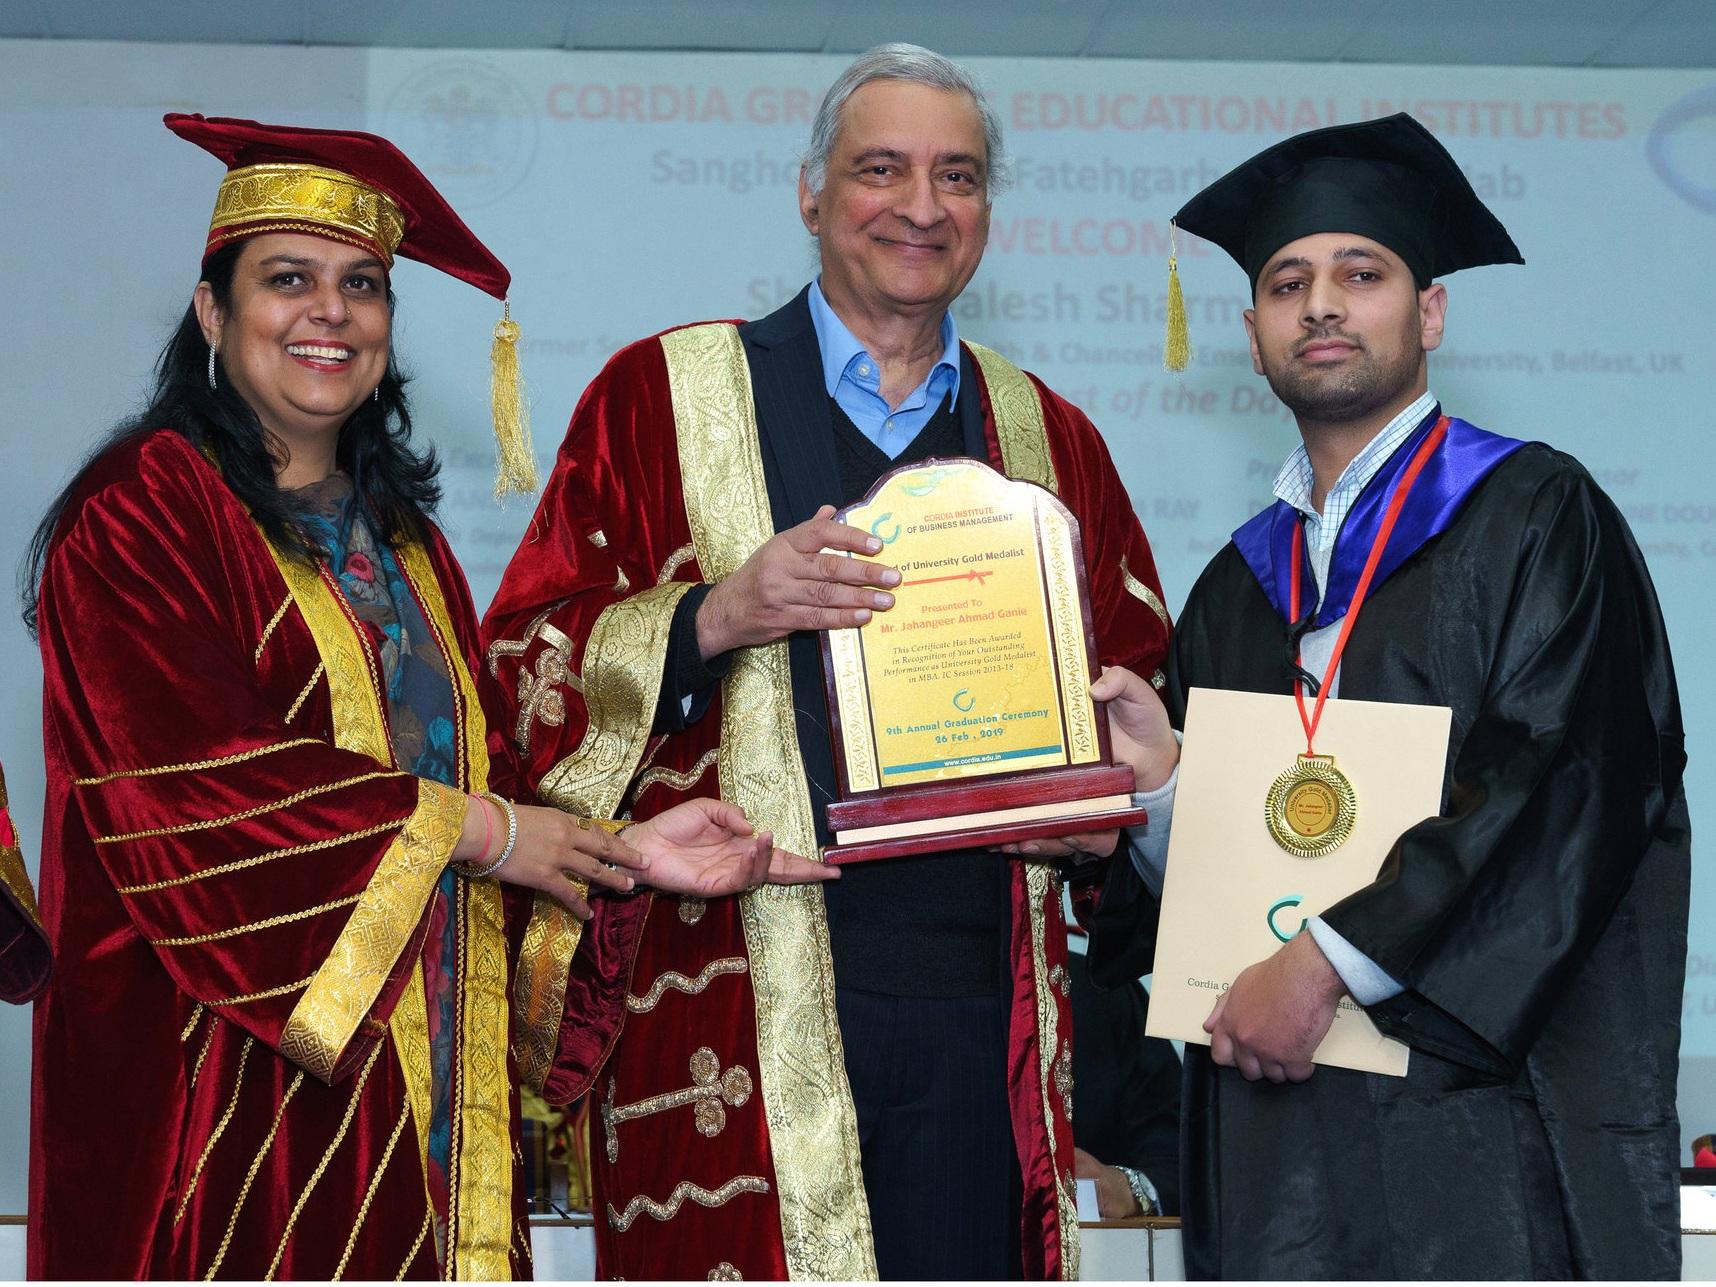 Award of University Gold Medallist Presented to Jahangeer Ahmad Ganie